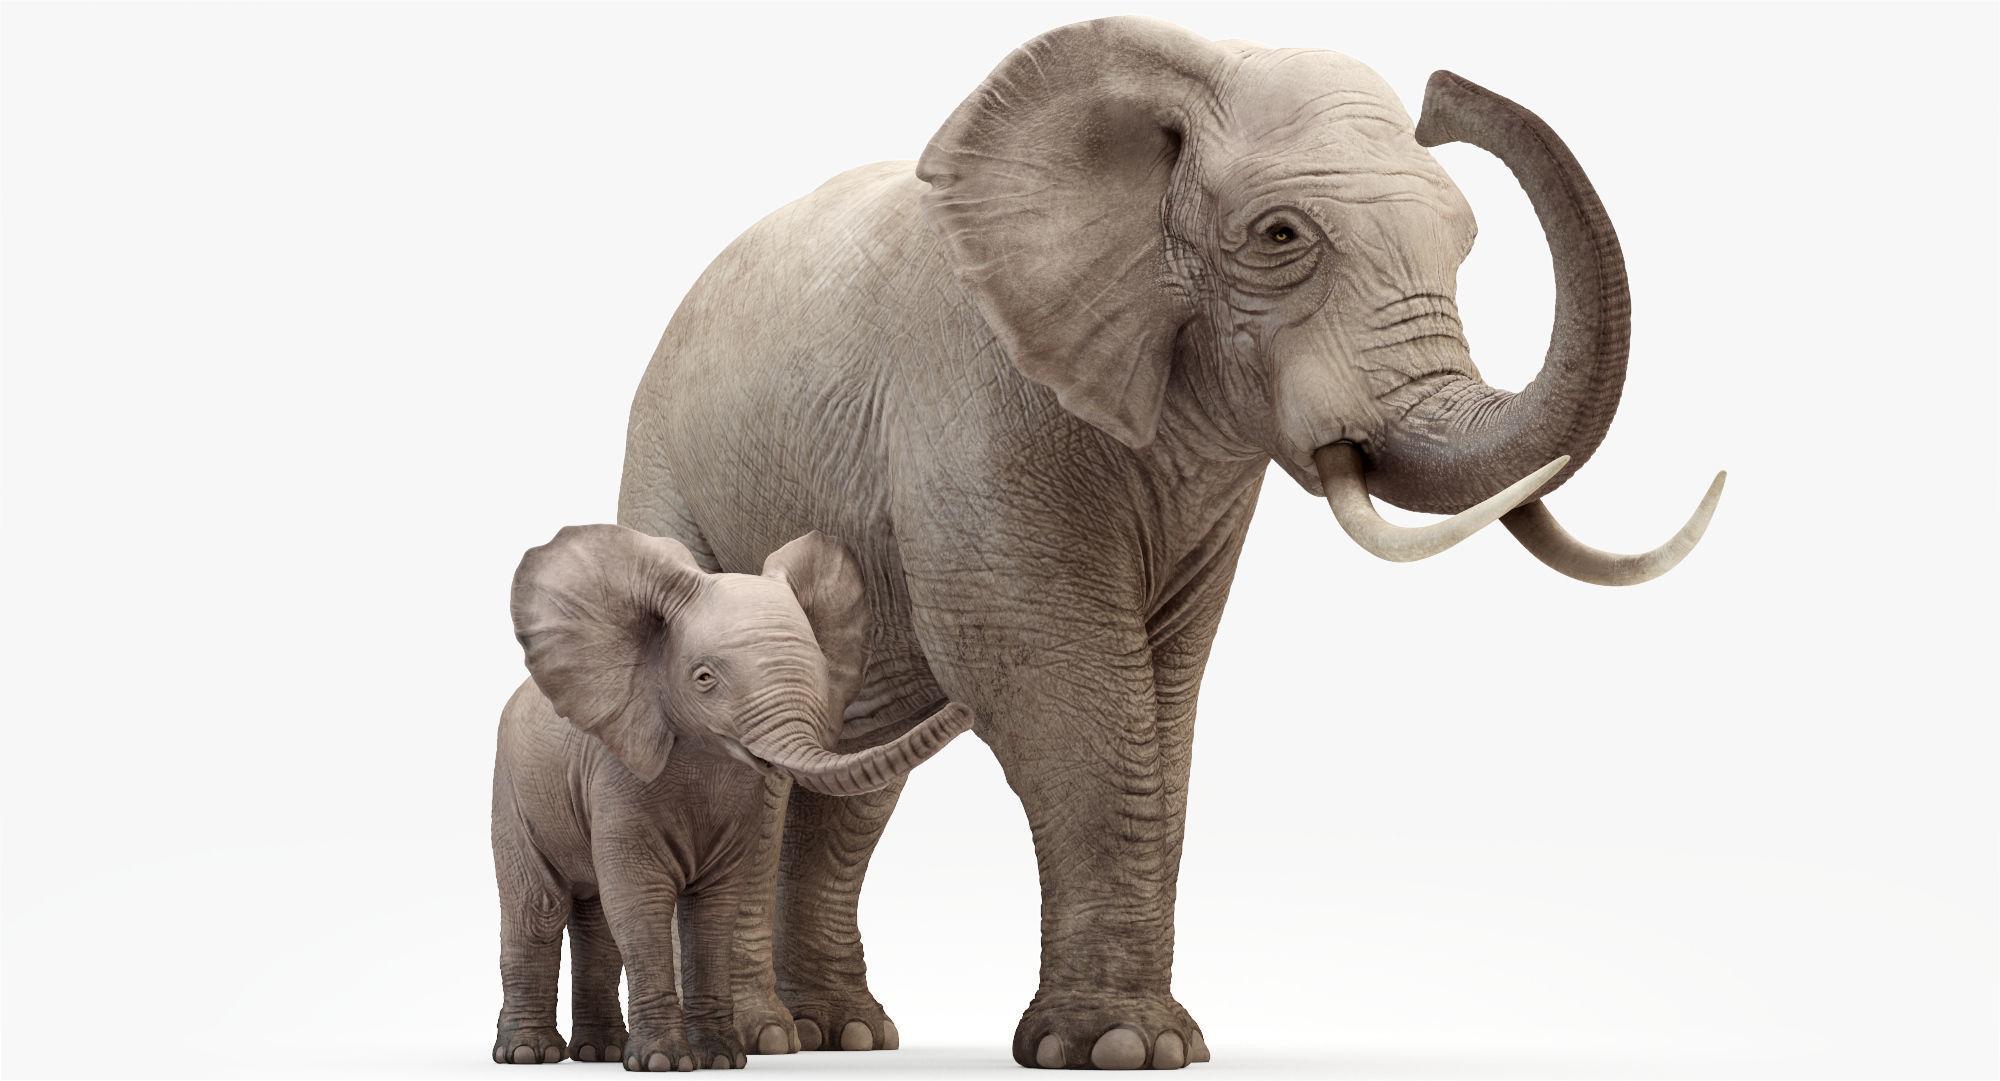 Elephant and Baby Elephant Animated 8K